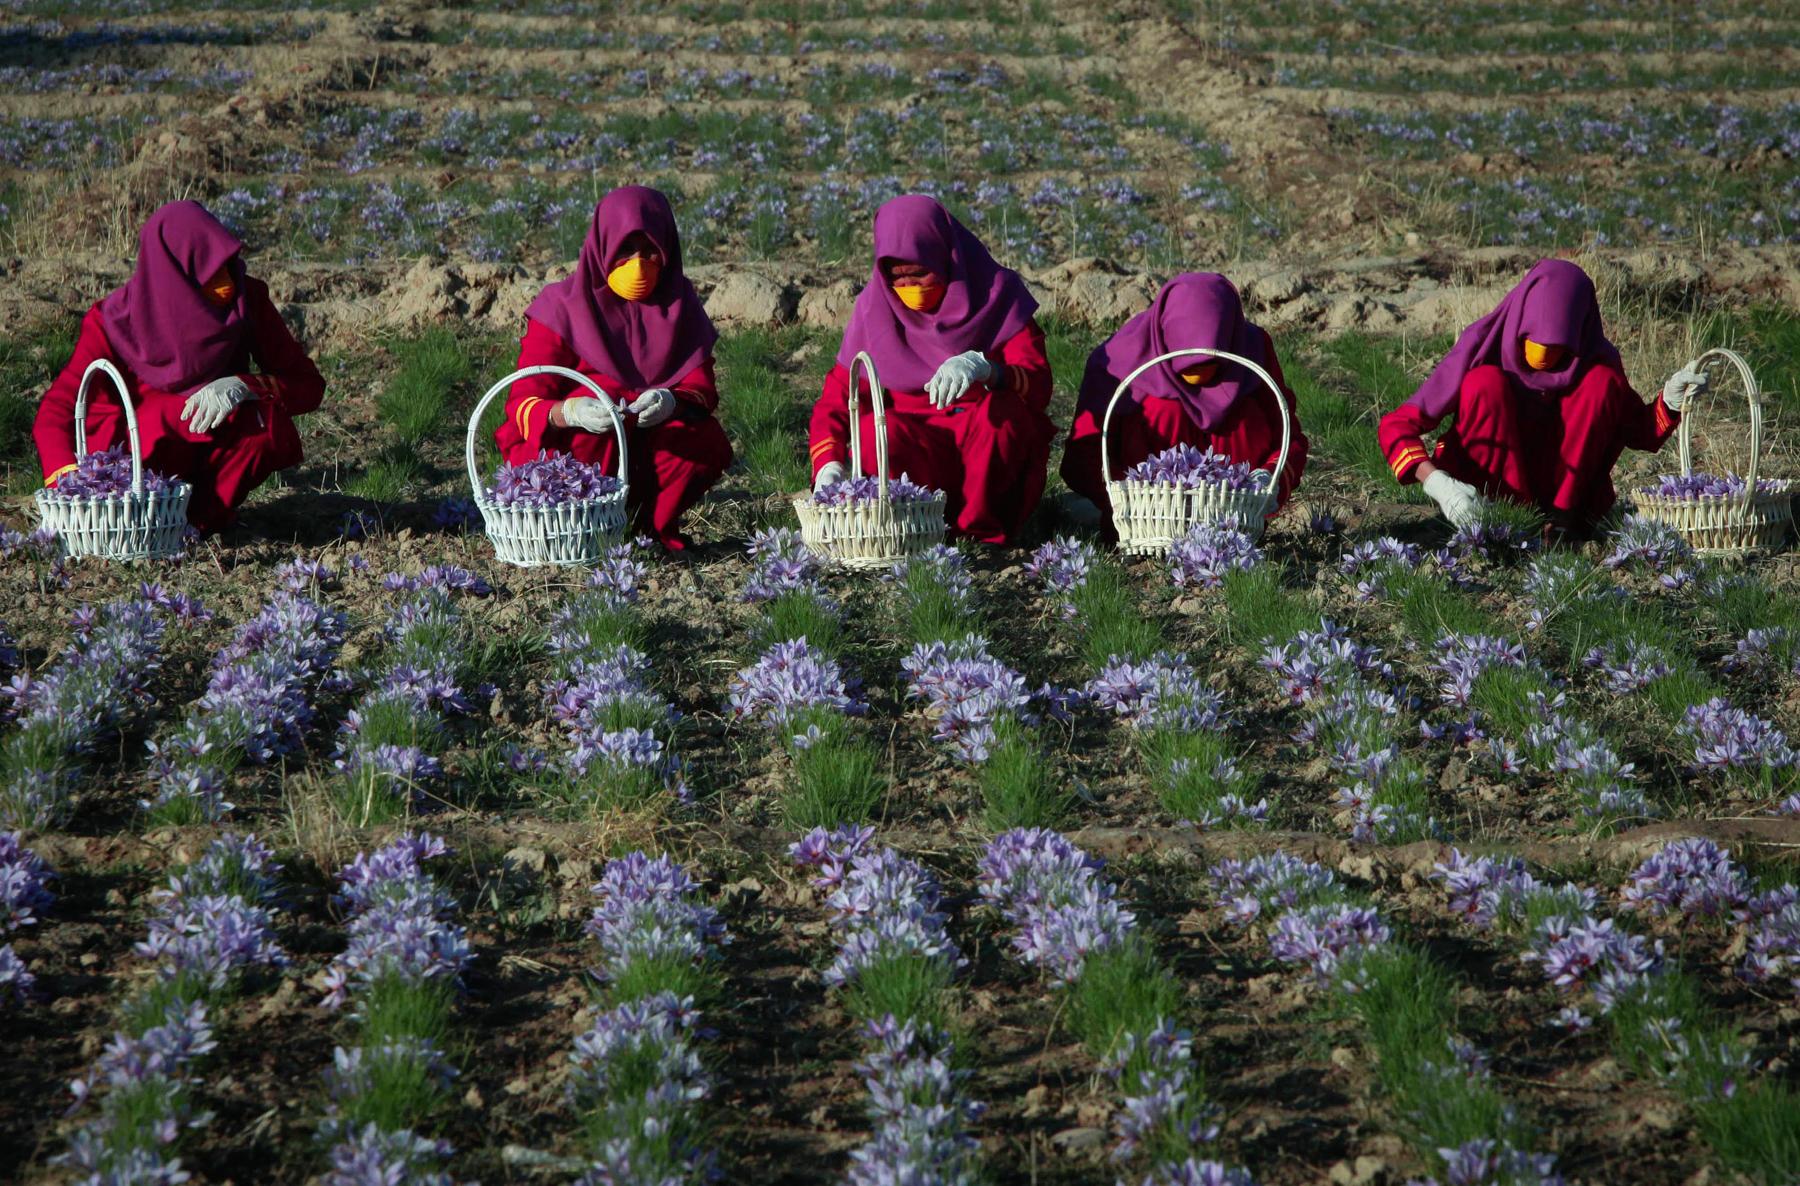 Mulheres colocam flores de açafrão em cestas (© AP Images)